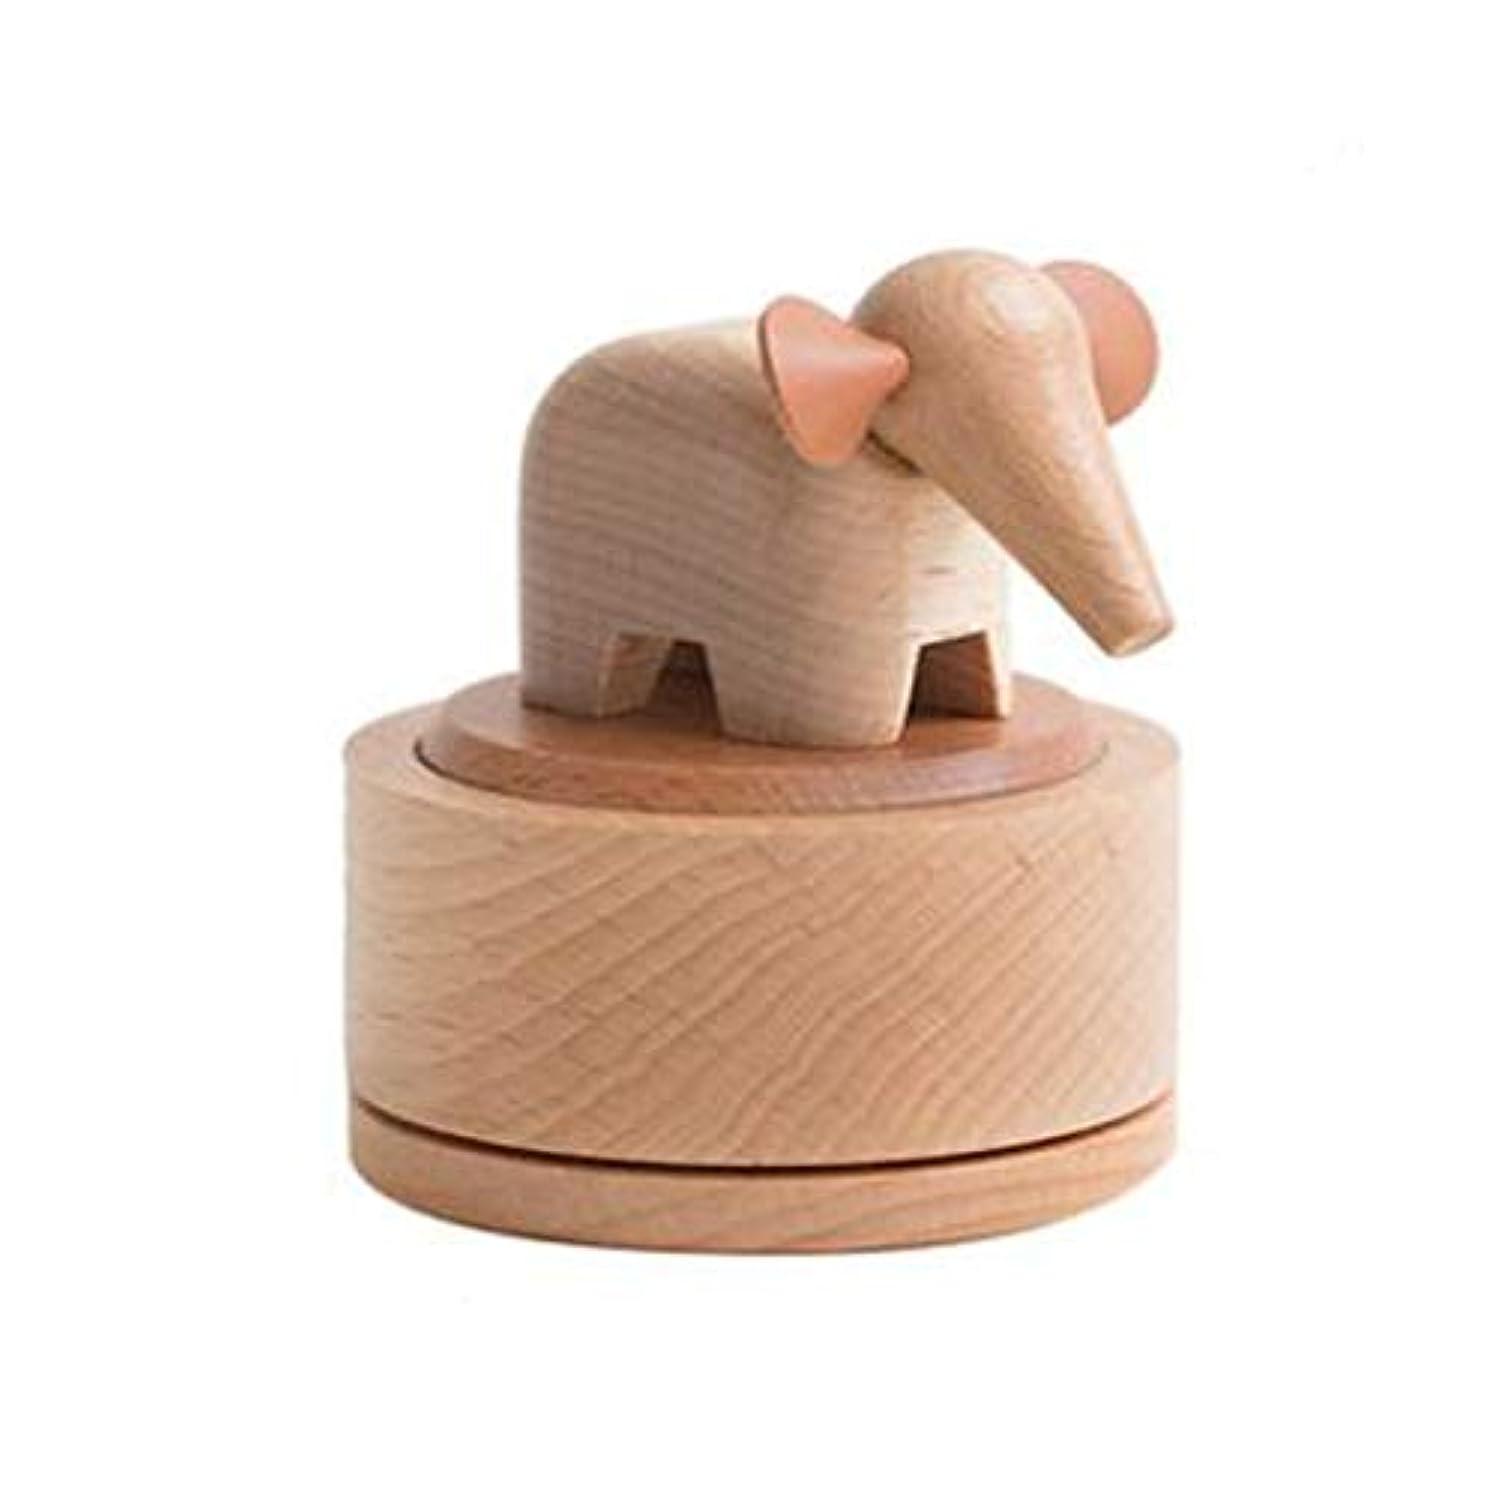 バラエティマーキングコーナーAishanghuayi ギフト豚オルゴールスカイシティオルゴール木製回転クリエイティブ送信女の子カップル誕生日ギフト,ファッションオーナメント (Style : Pig)